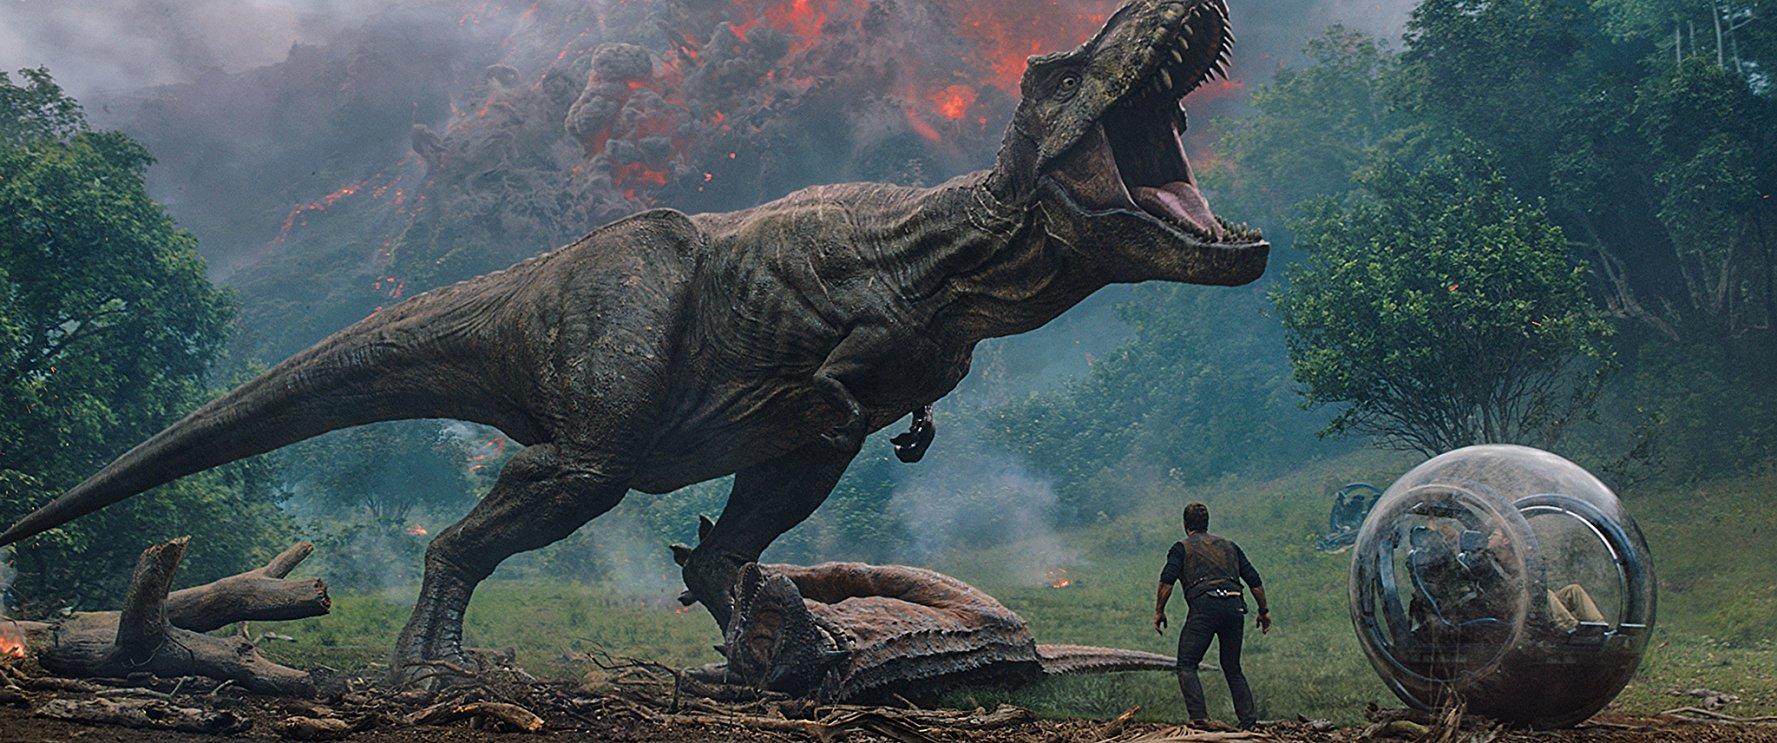 مشاهدة فيلم Jurassic World: Fallen Kingdom 2018 HD مترجم كامل اون لاين